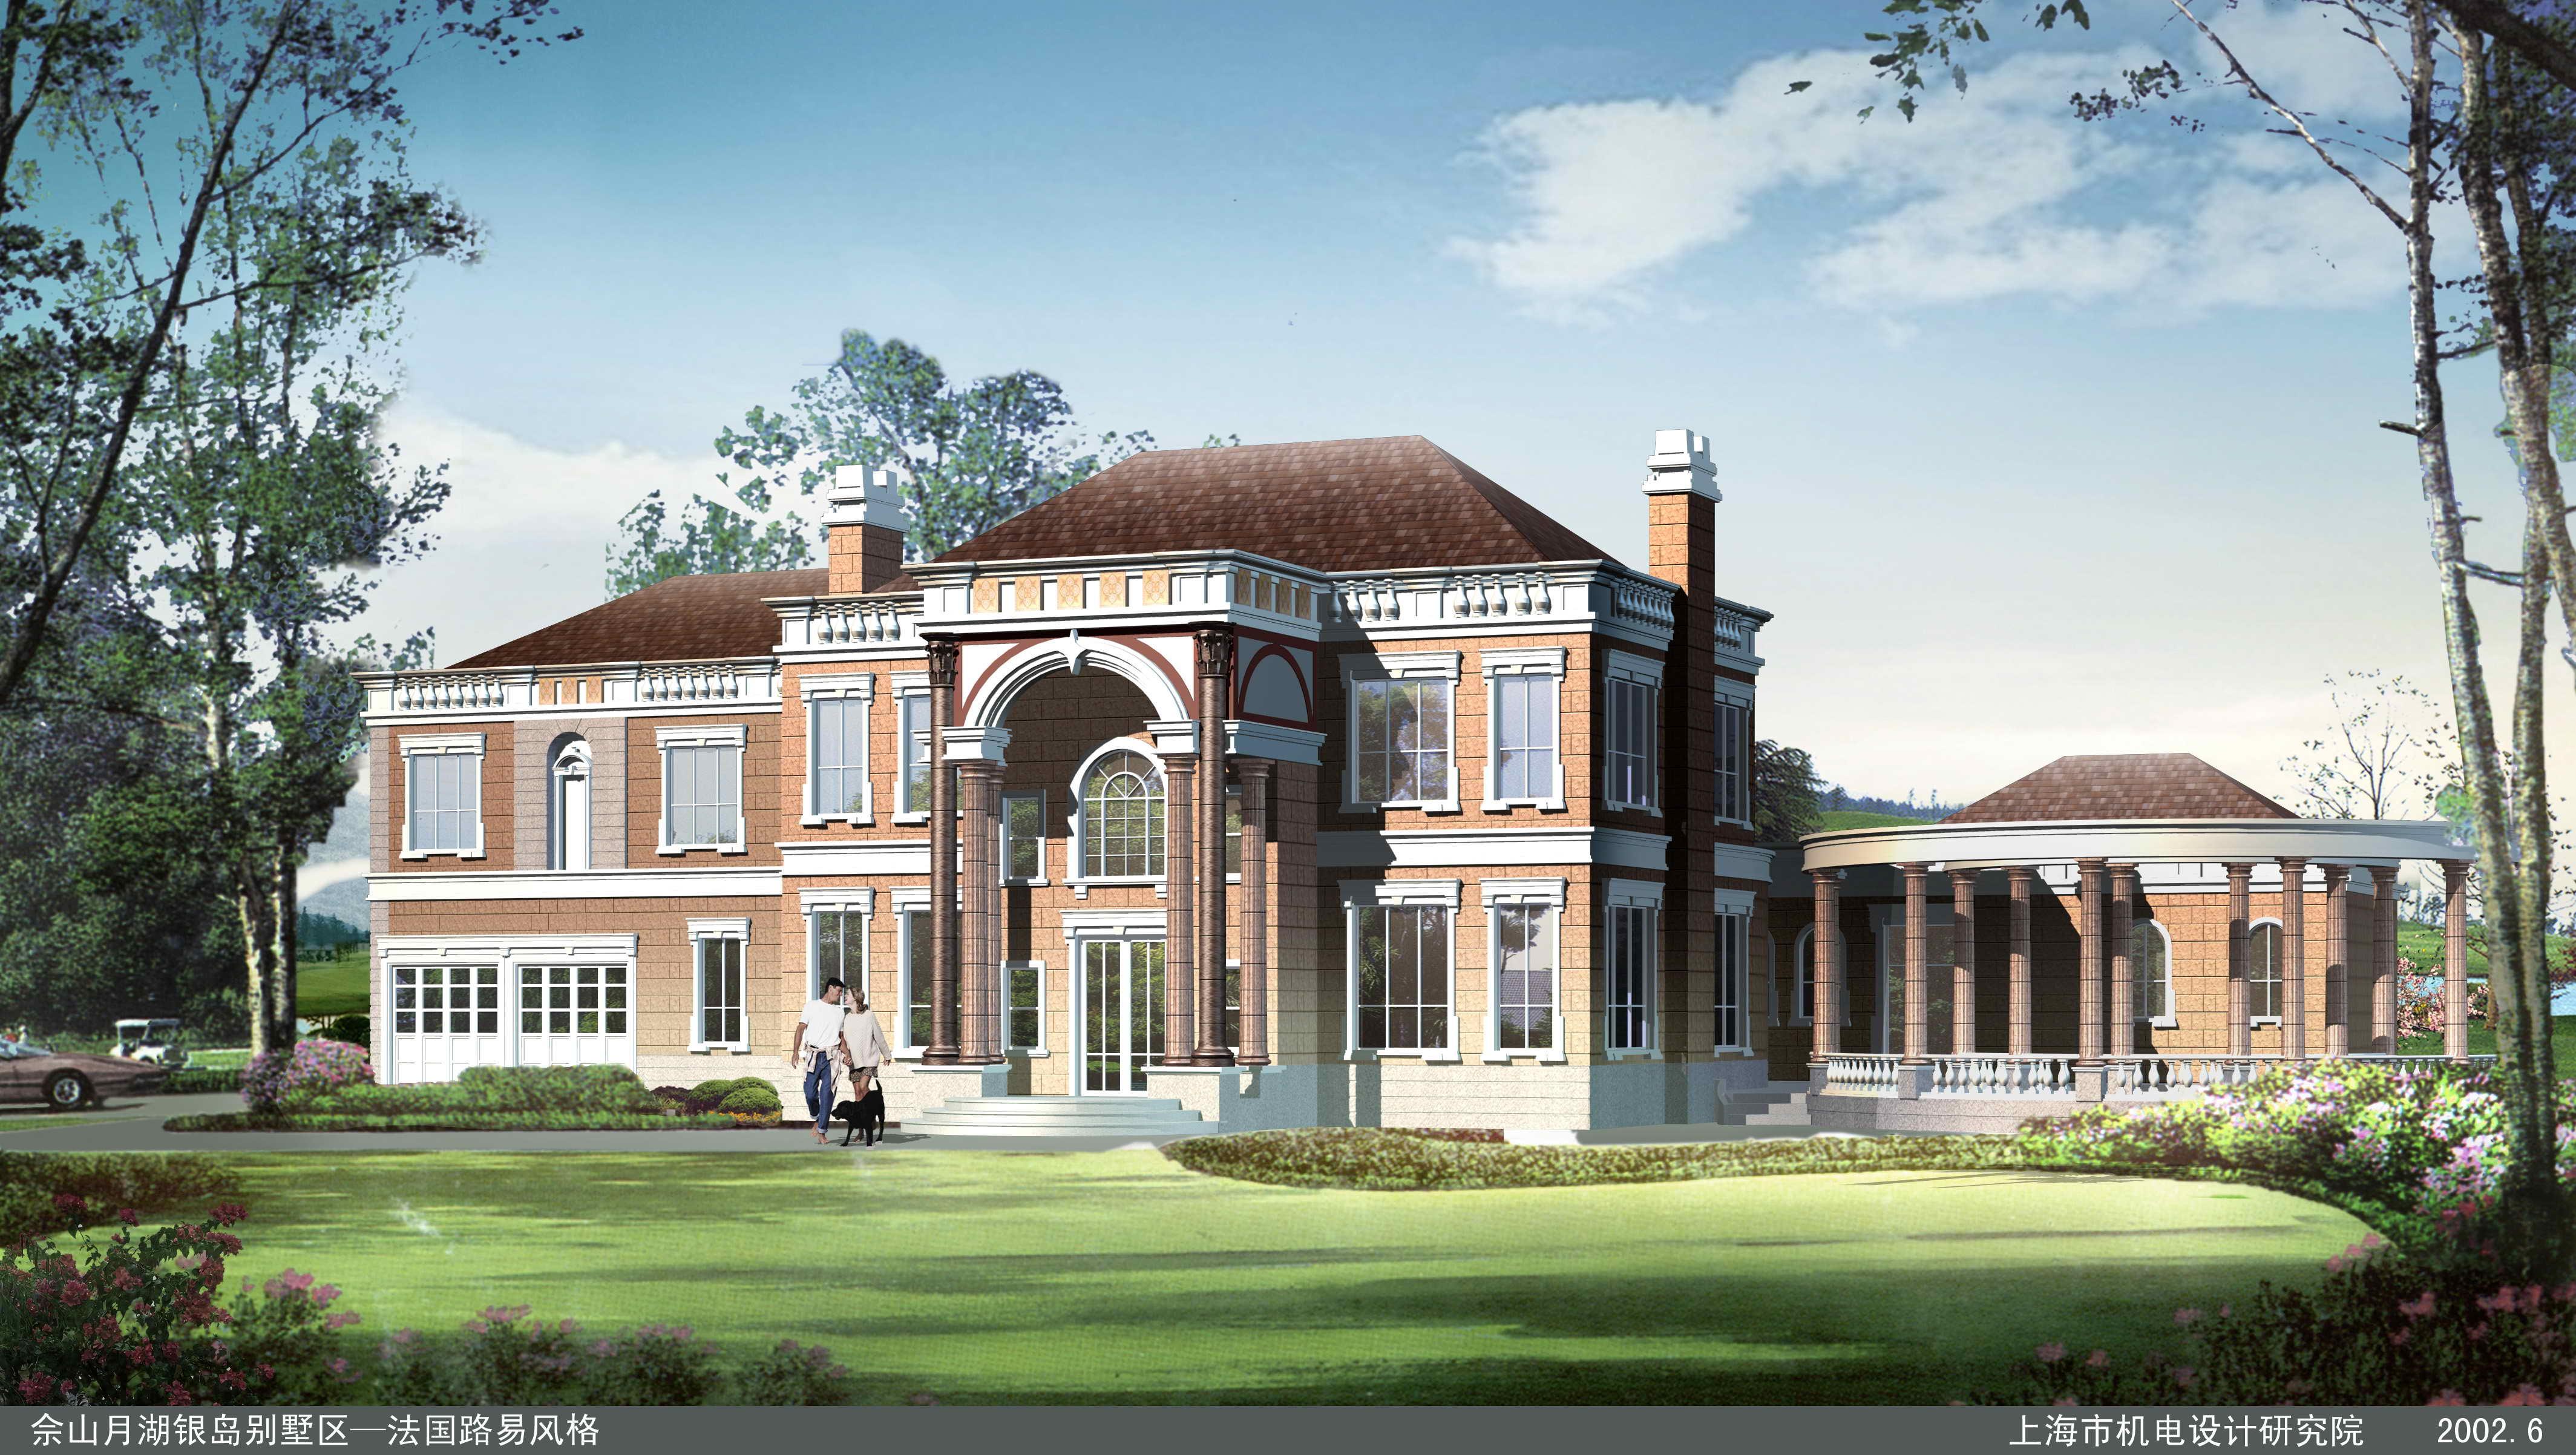 zy法国别墅设计的风格